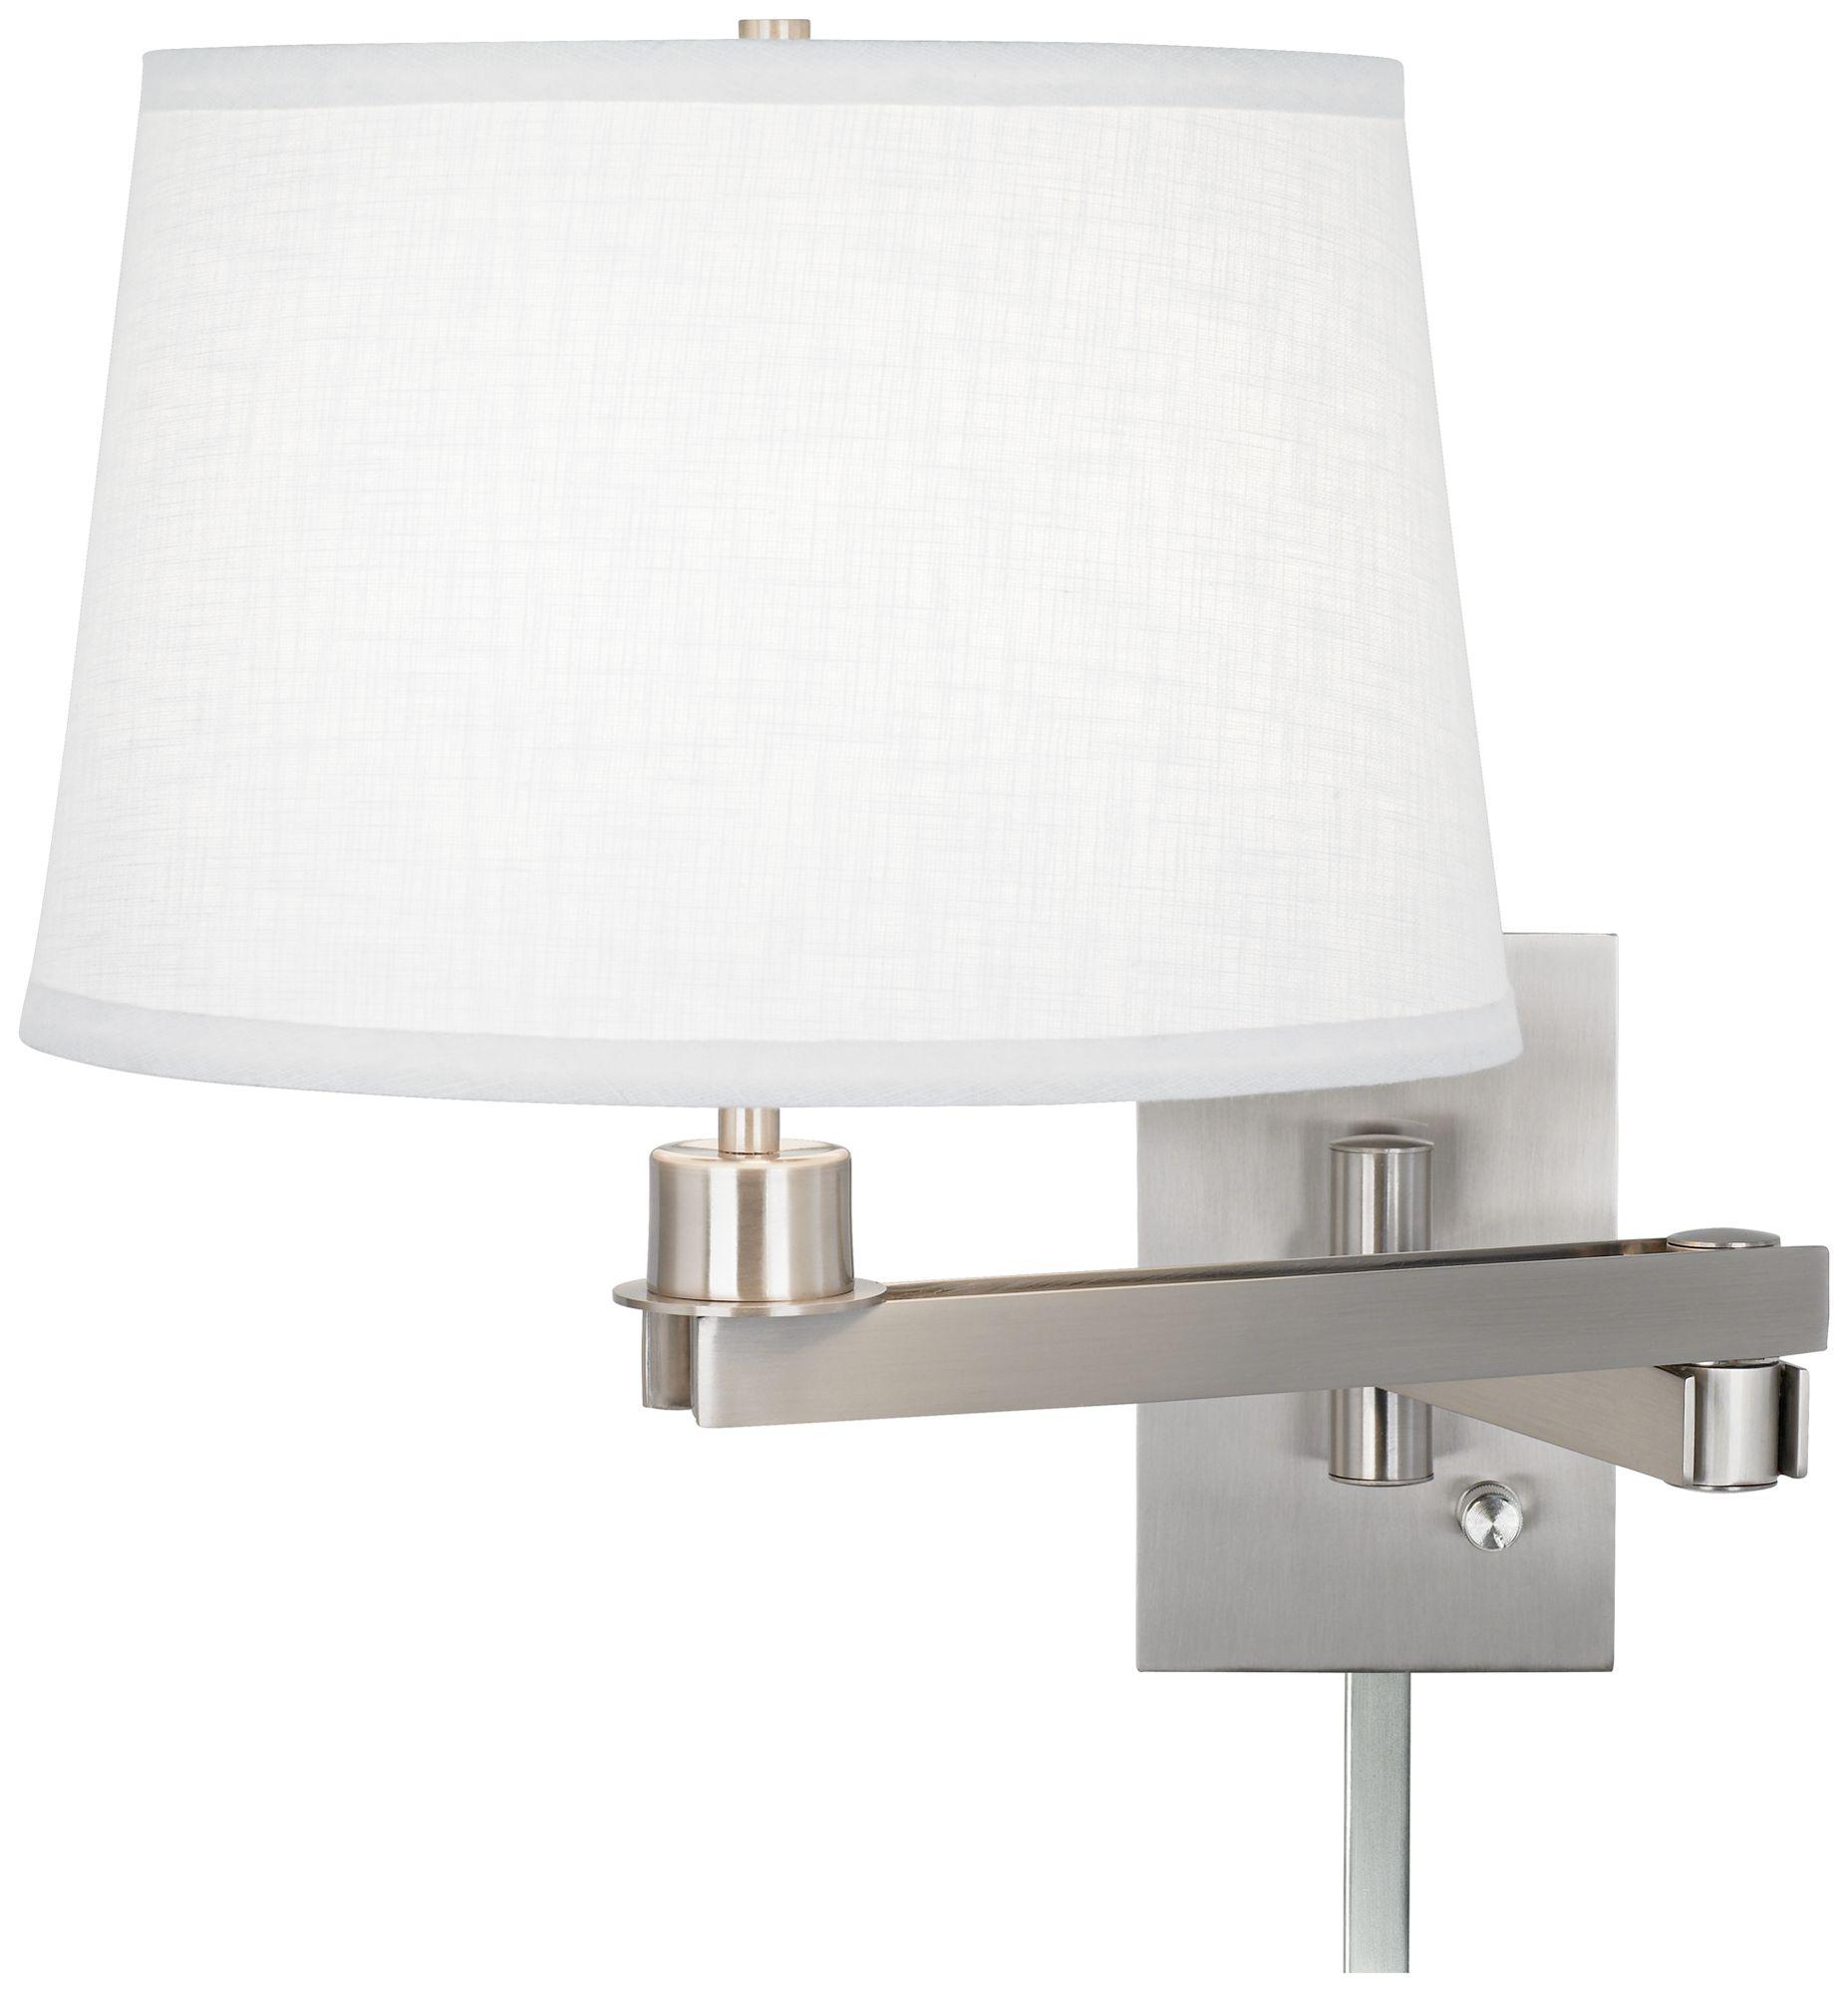 possini euro design white linen swing arm with cord cover - Possini Euro Design